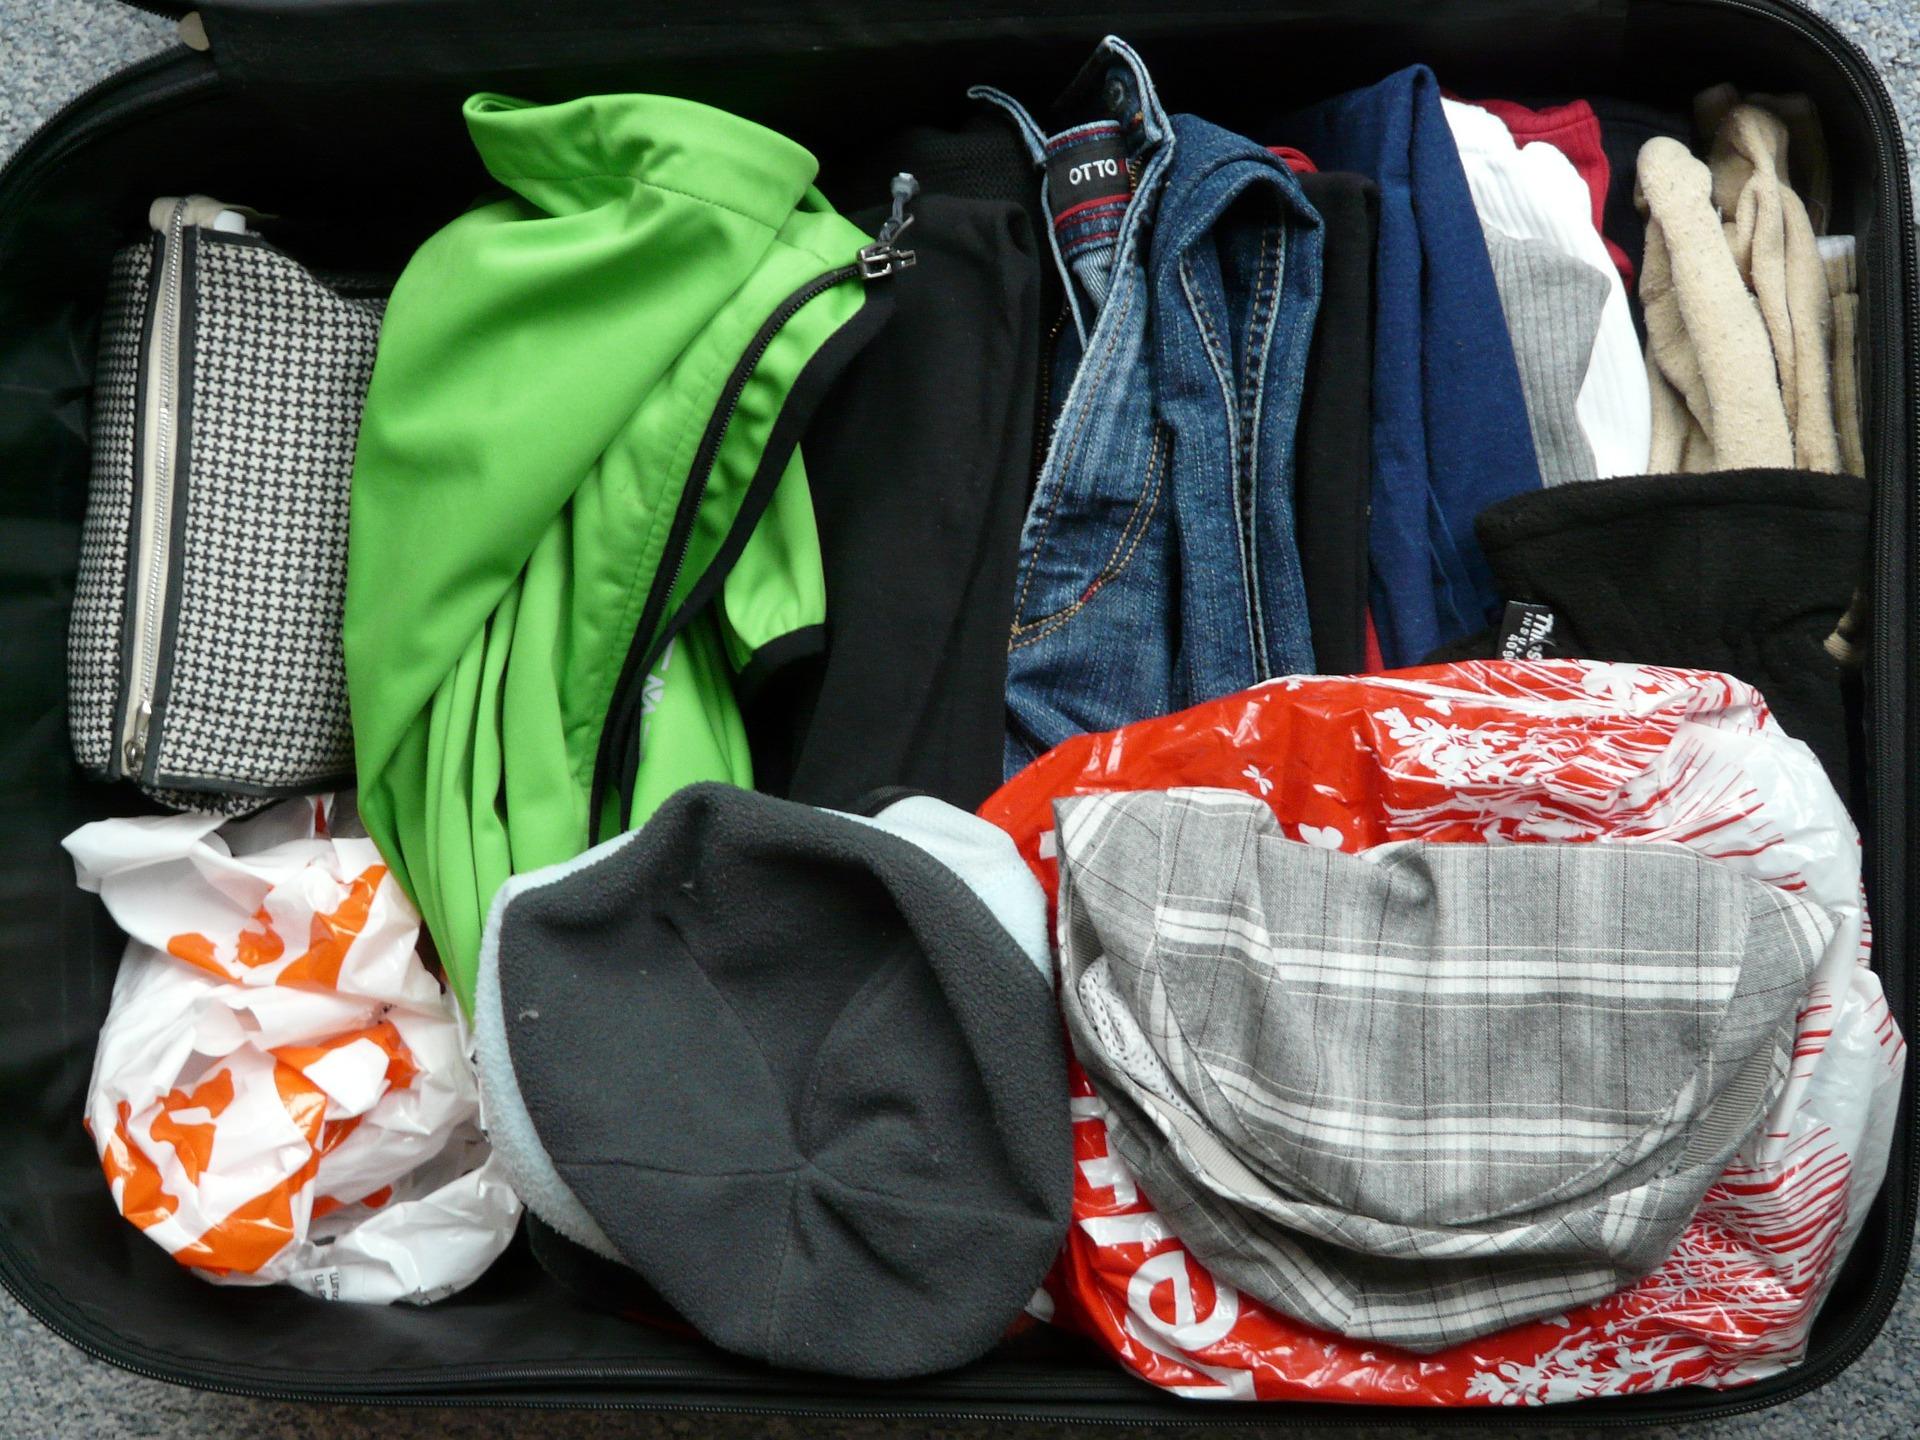 Beim Leben aus dem Koffer spielt Ordnung eine wichtige Rolle. - Photocredit: pixabay.com/Hans